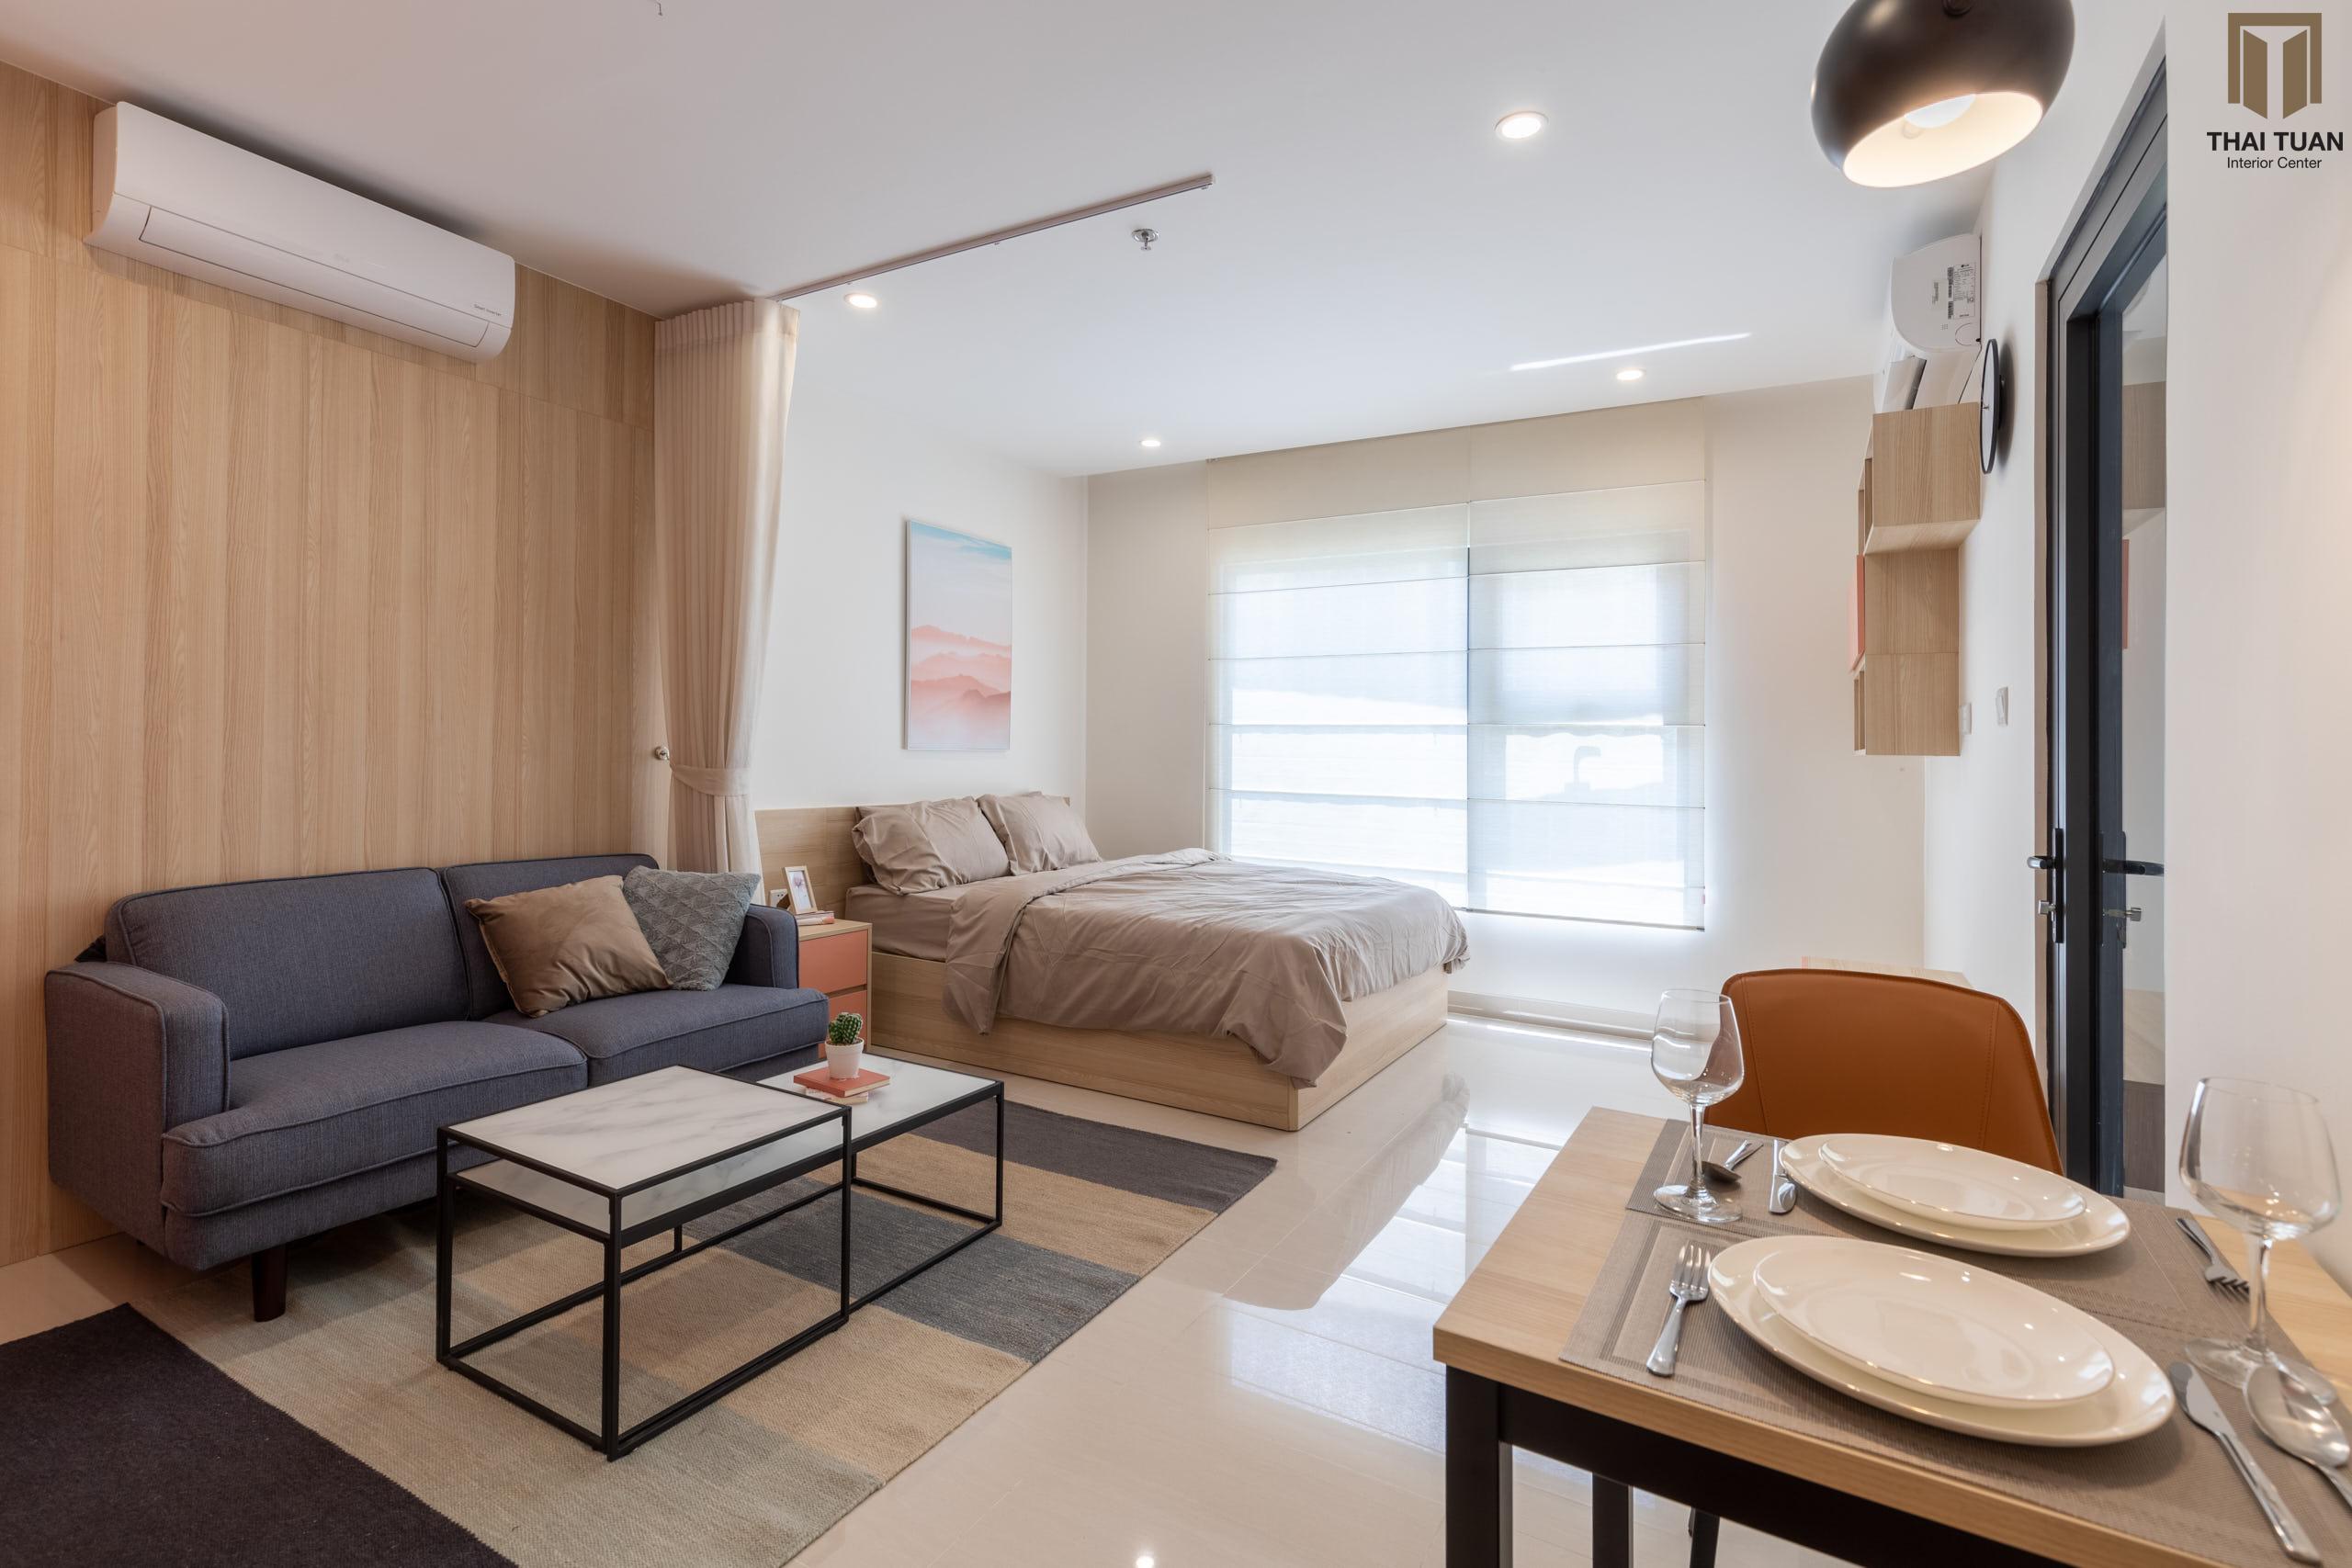 Phòng khách được ngăn cách với phòng ngủ bởi rèm thả, tạo sự riêng tư